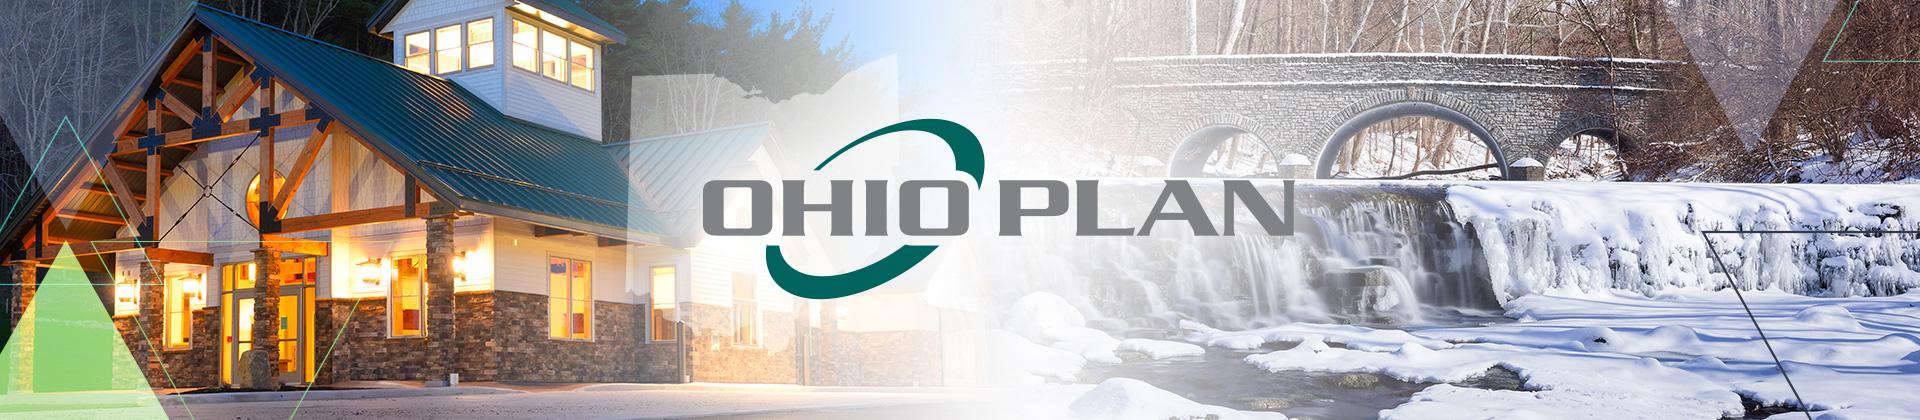 OhioPlan-slider5